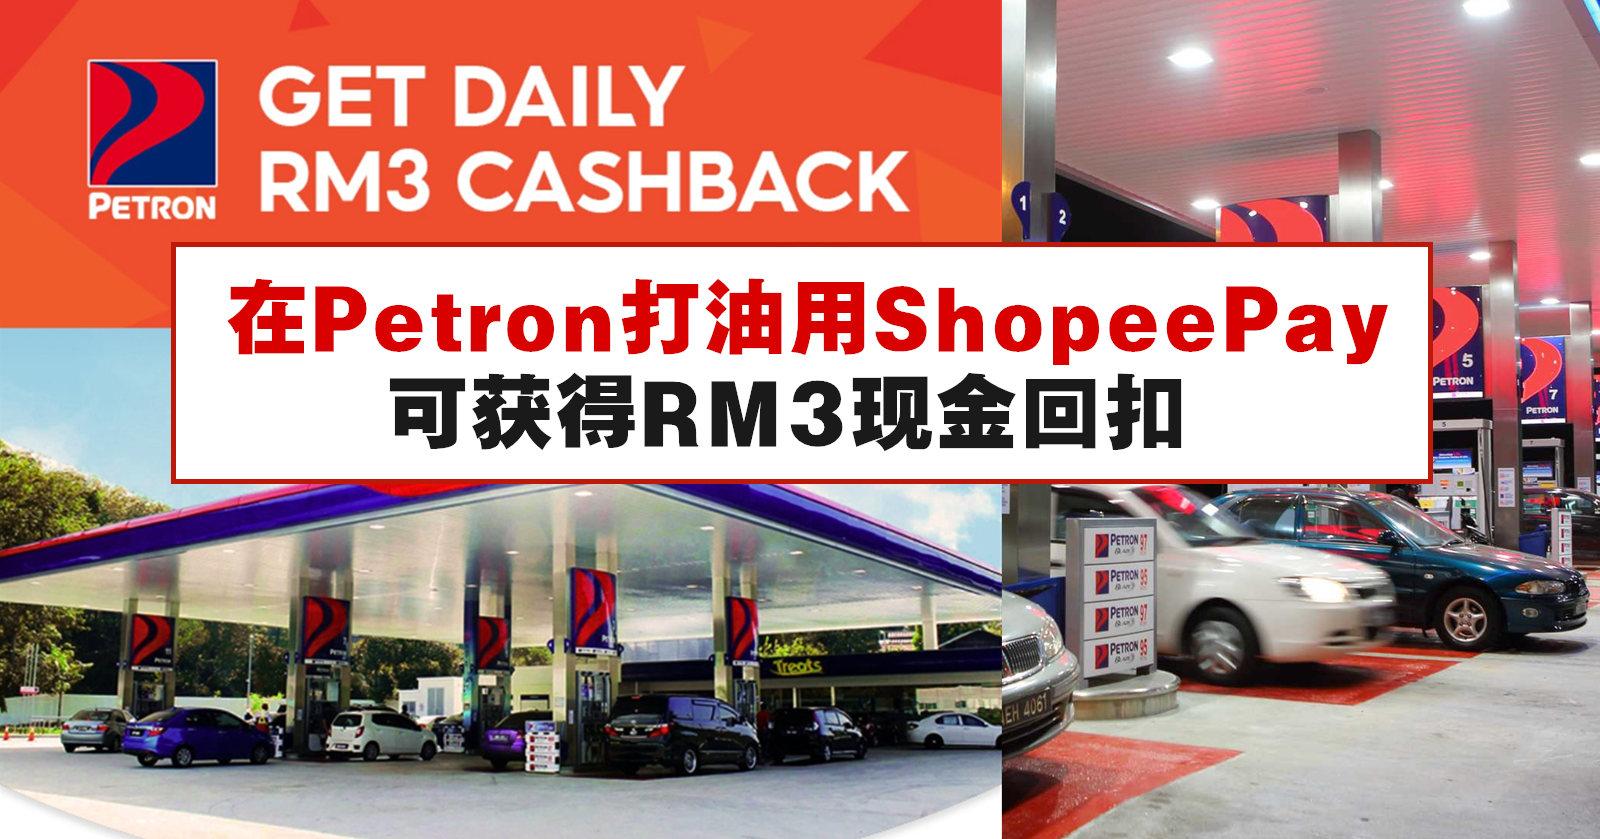 在Petron打油用ShopeePay,可获得RM3现金回扣